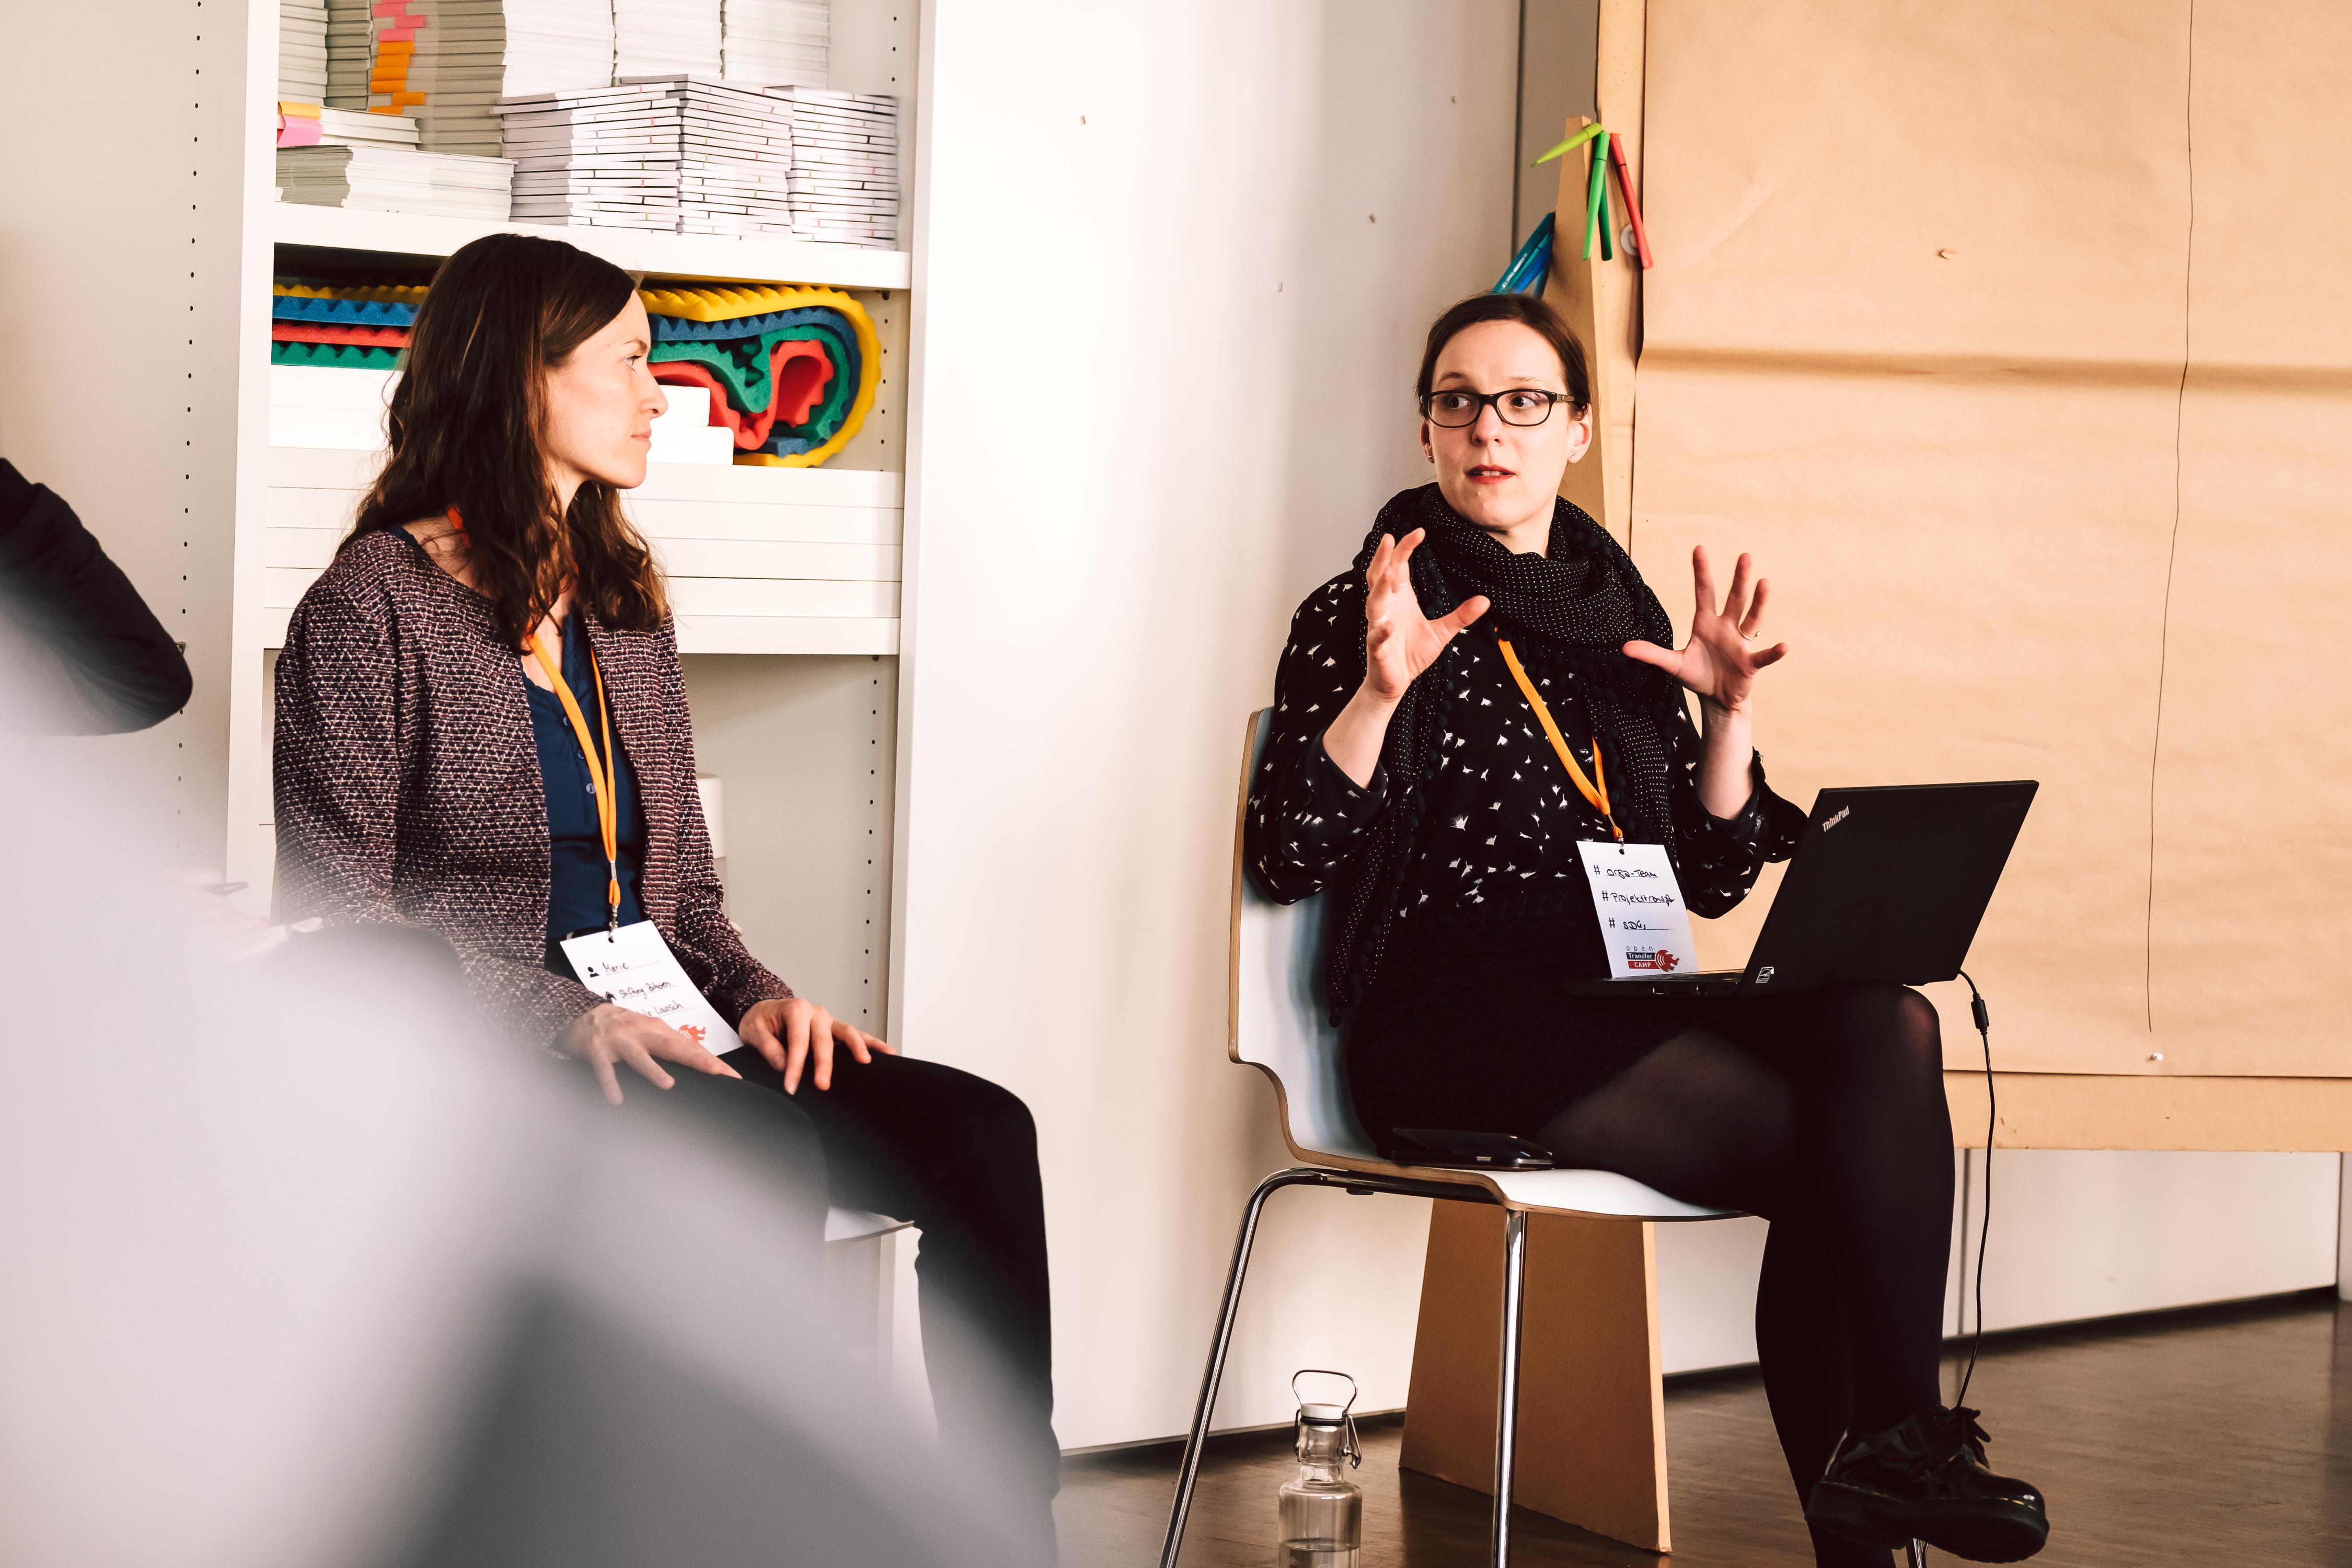 Zwei Frauen sitzen auf Stühlen, eine spricht und gestikuliert mit den Händen.